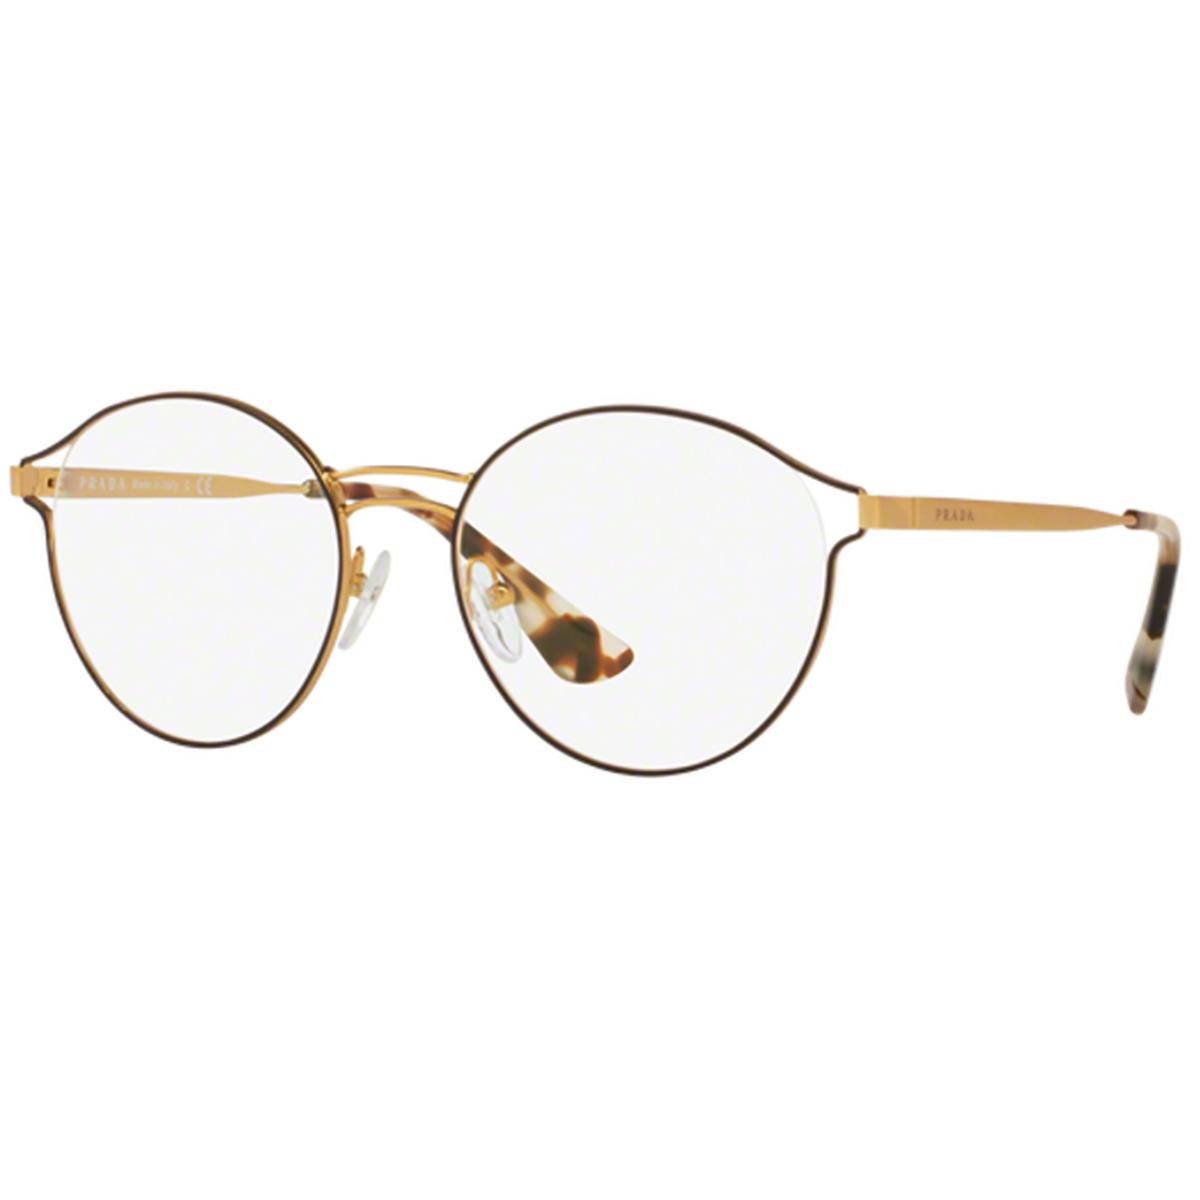 ... Compre Óculos de Grau Prada Cinema em 10X Tri-Jóia Shop 683025c1950faa  ... 033c4e2a87